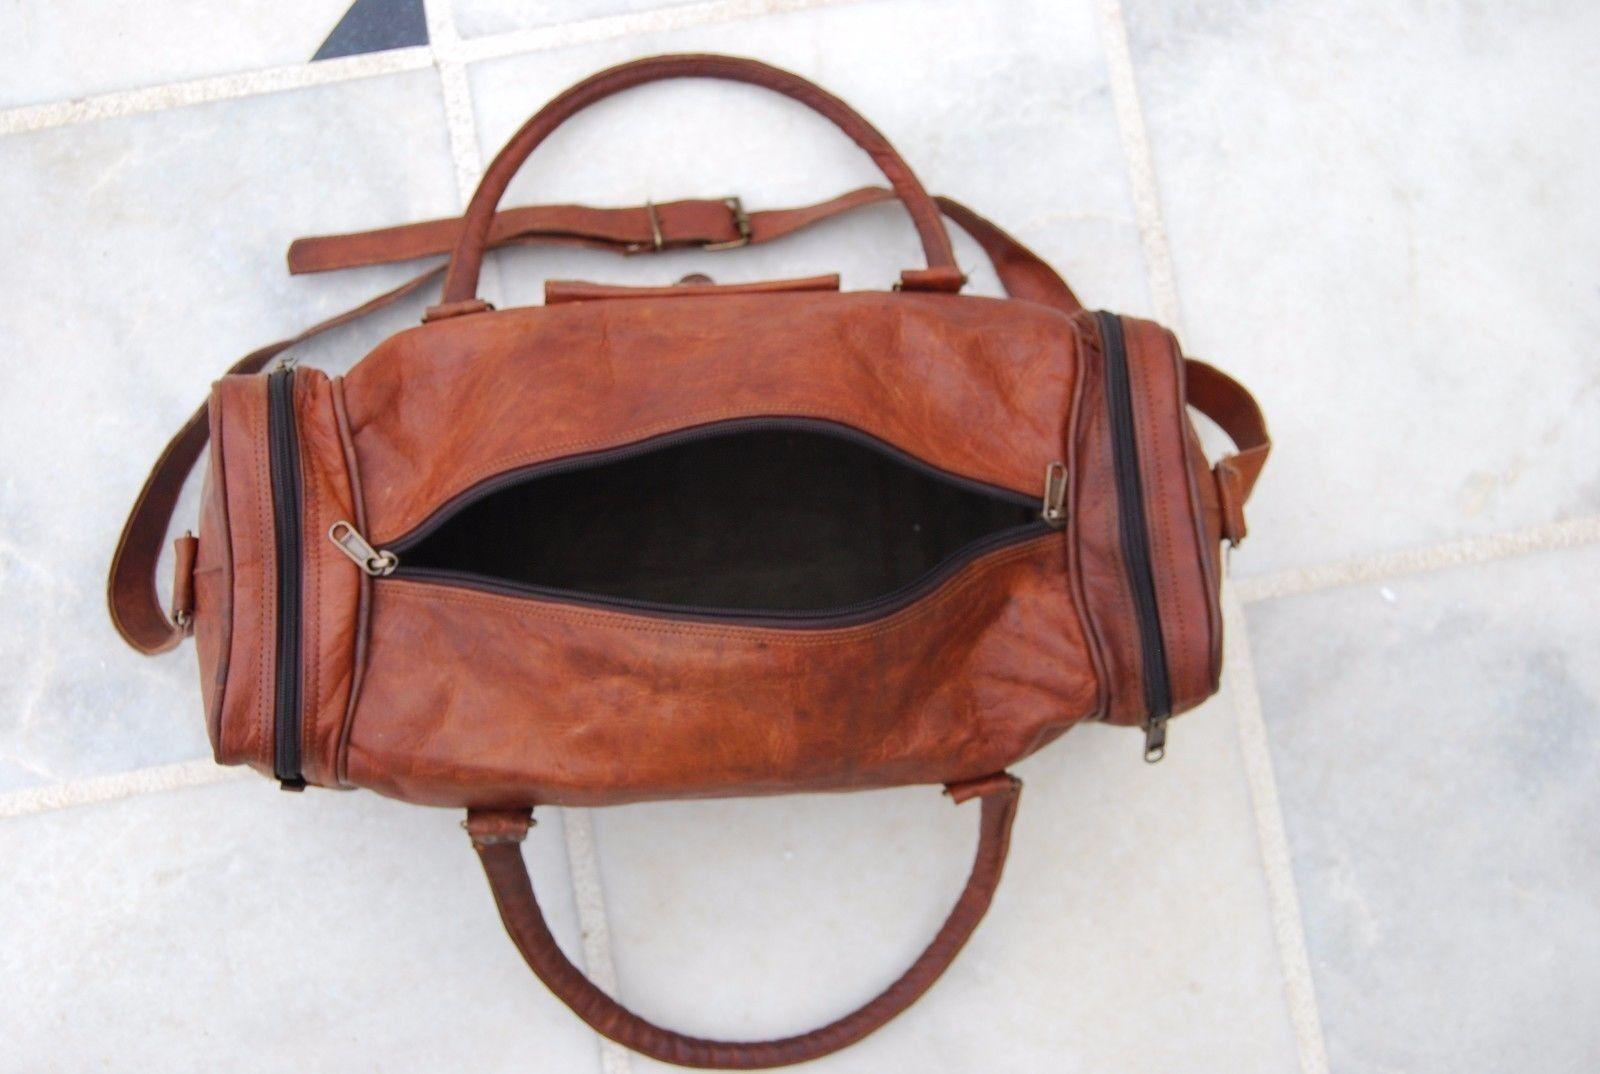 Herren Vintage-Leder Vintage-Leder Vintage-Leder Duffle Reise Turnhalle Wochenendtasche für Männer | Flagship-Store  3e19e0